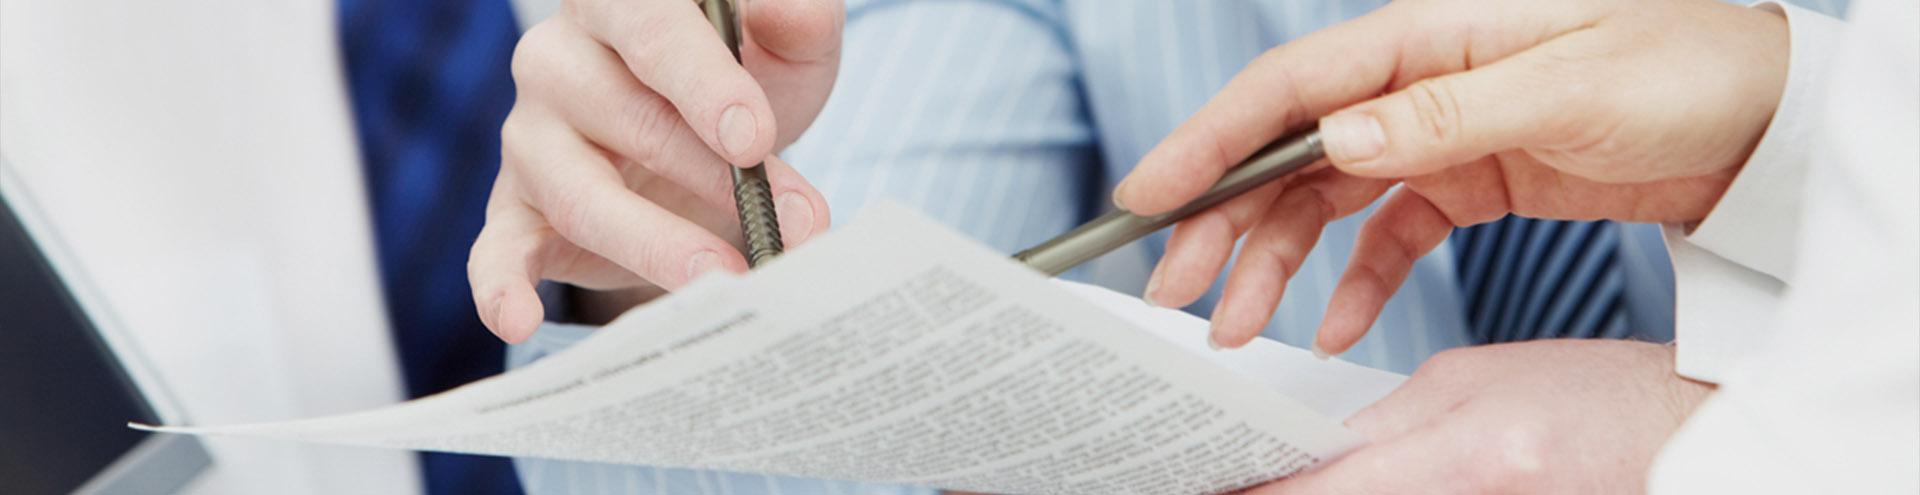 банкротство юридических лиц услуги юриста